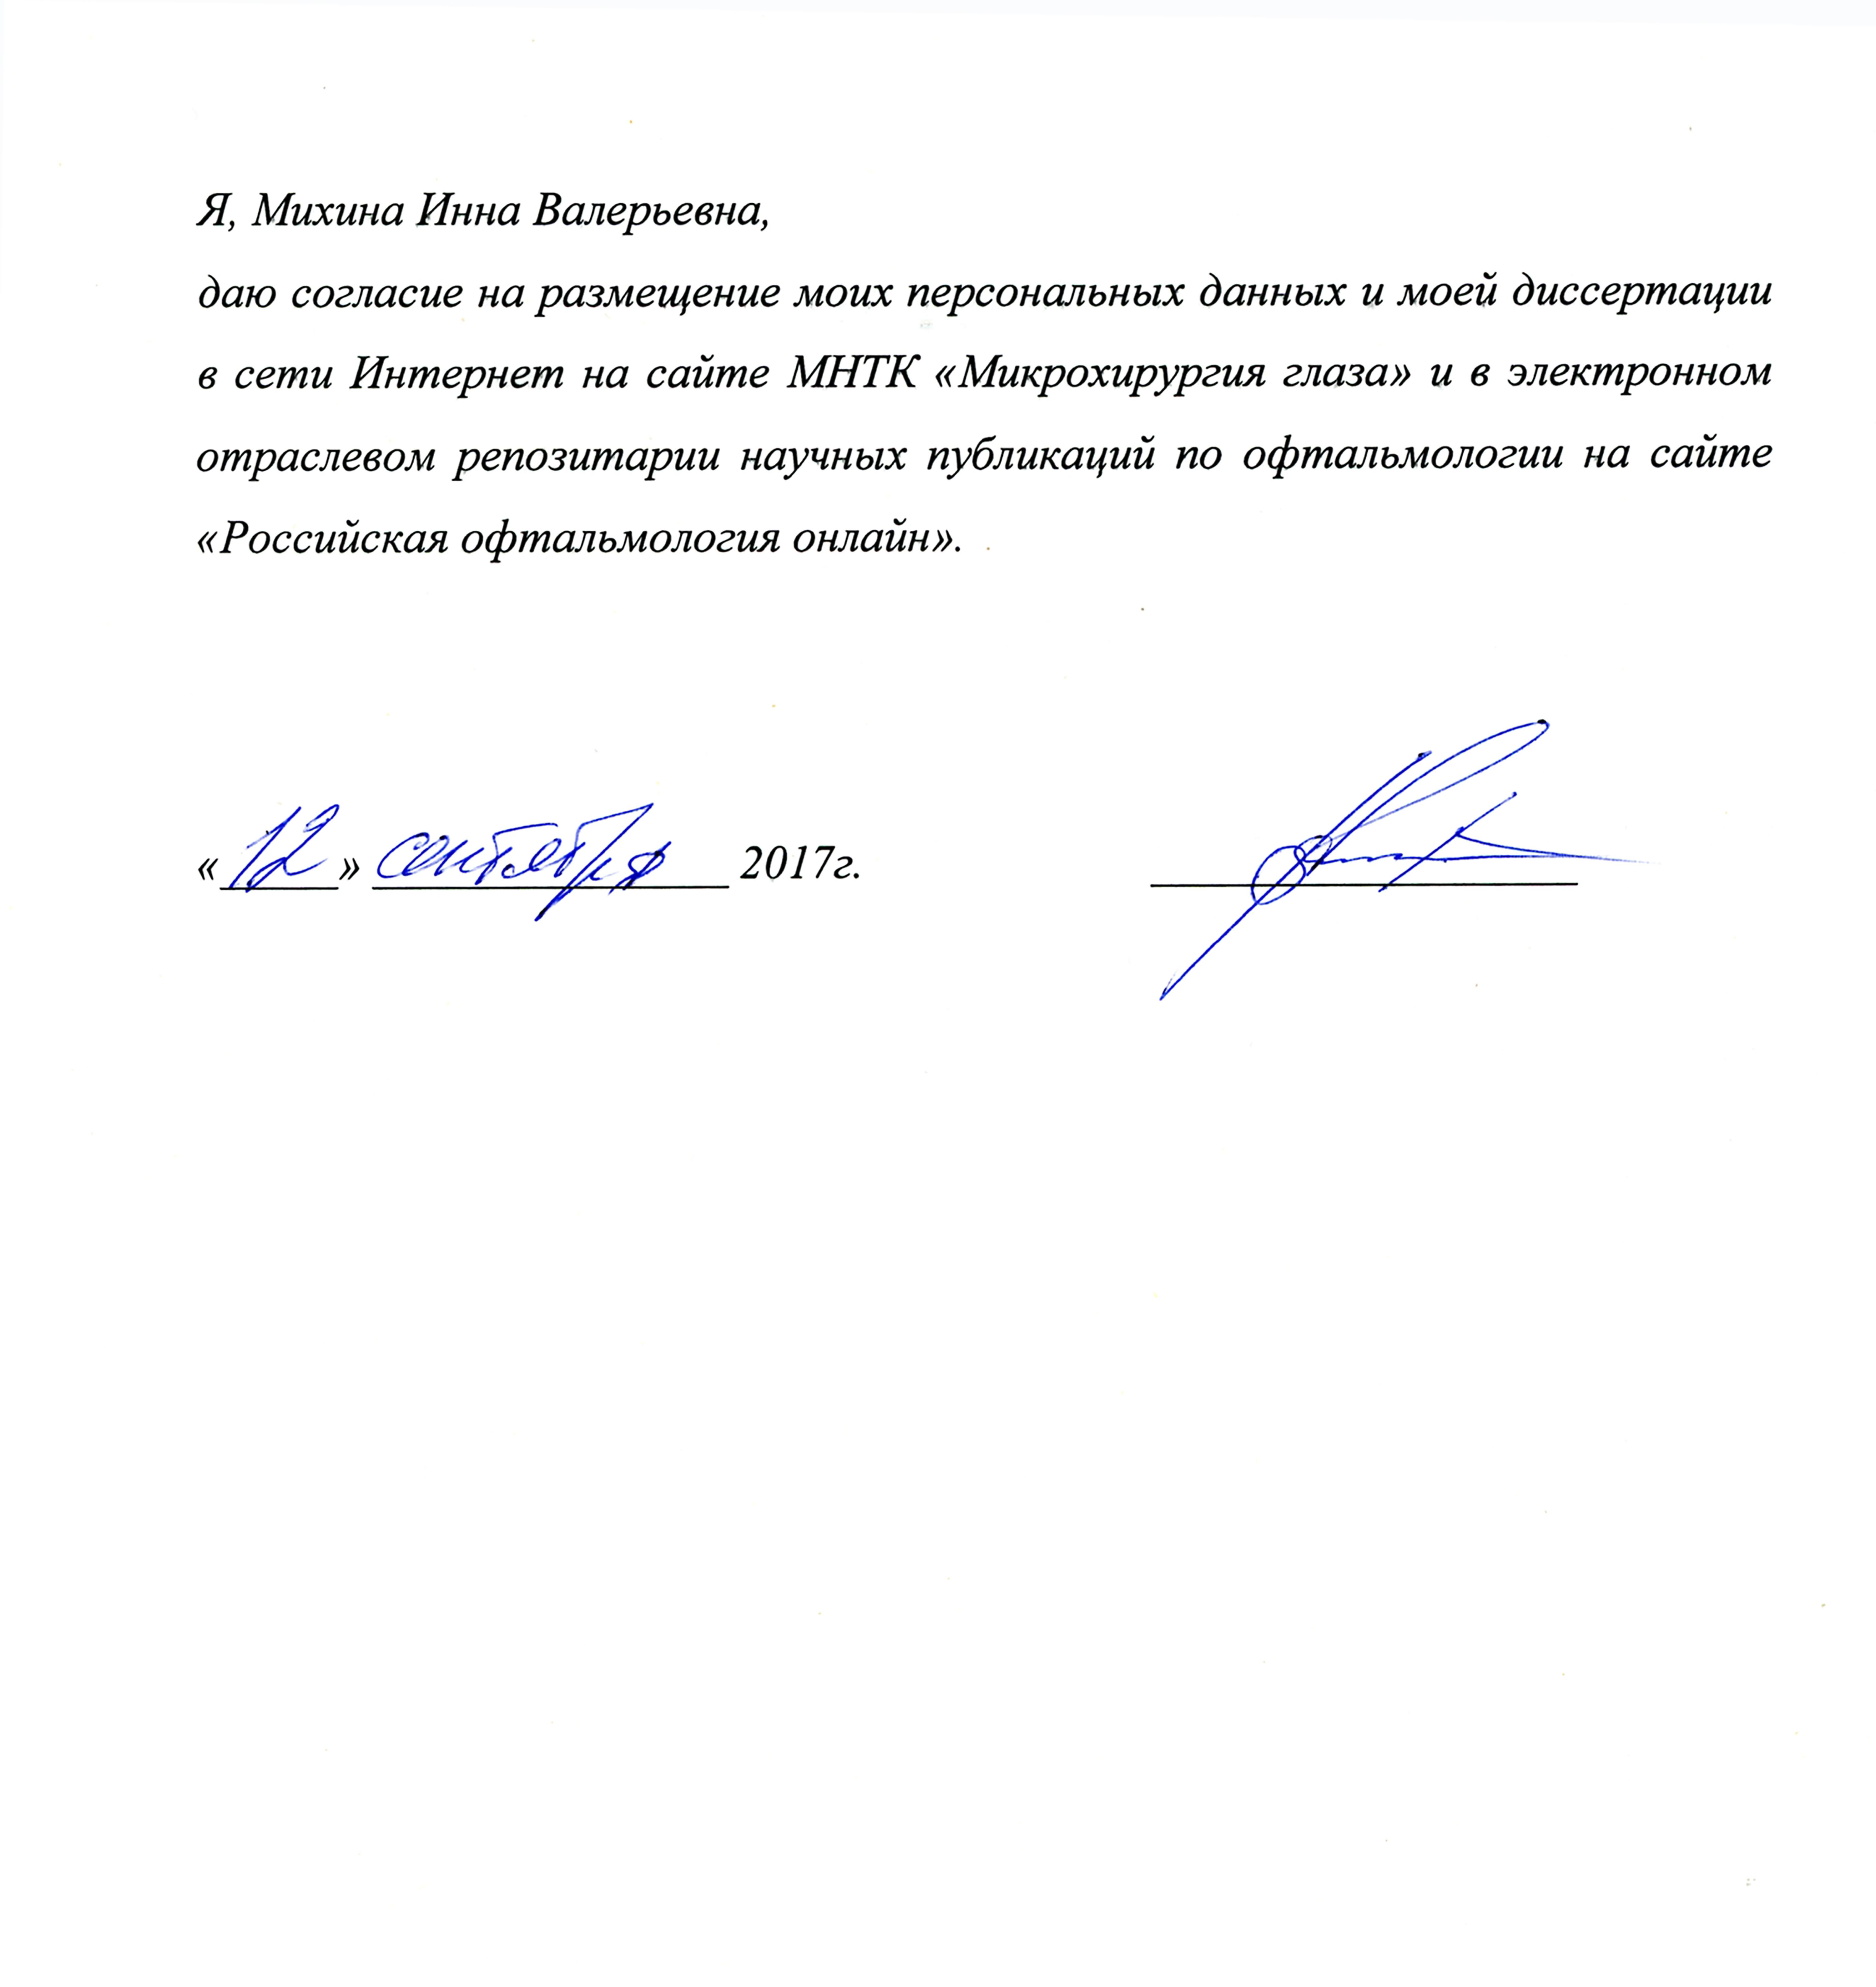 Михина Инна Валерьевна Согласие на размещение персональных данных и диссертации в сети интернет